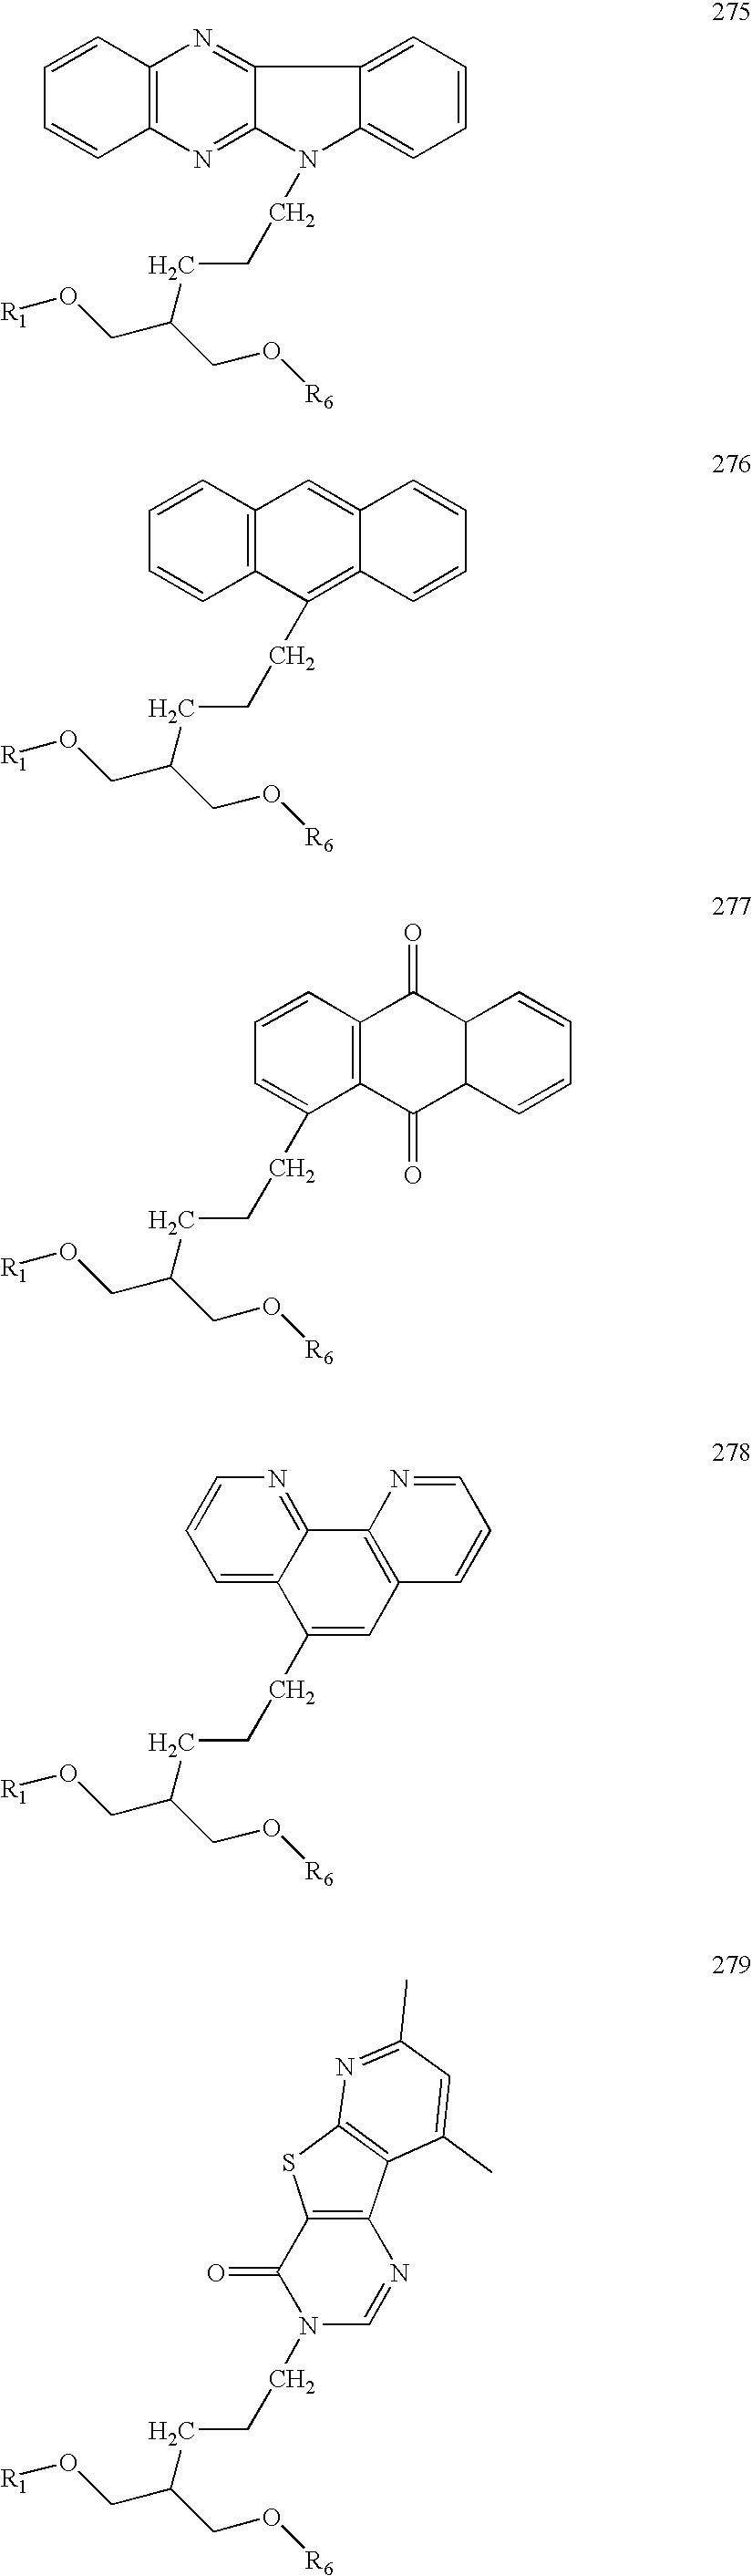 Figure US20060014144A1-20060119-C00148